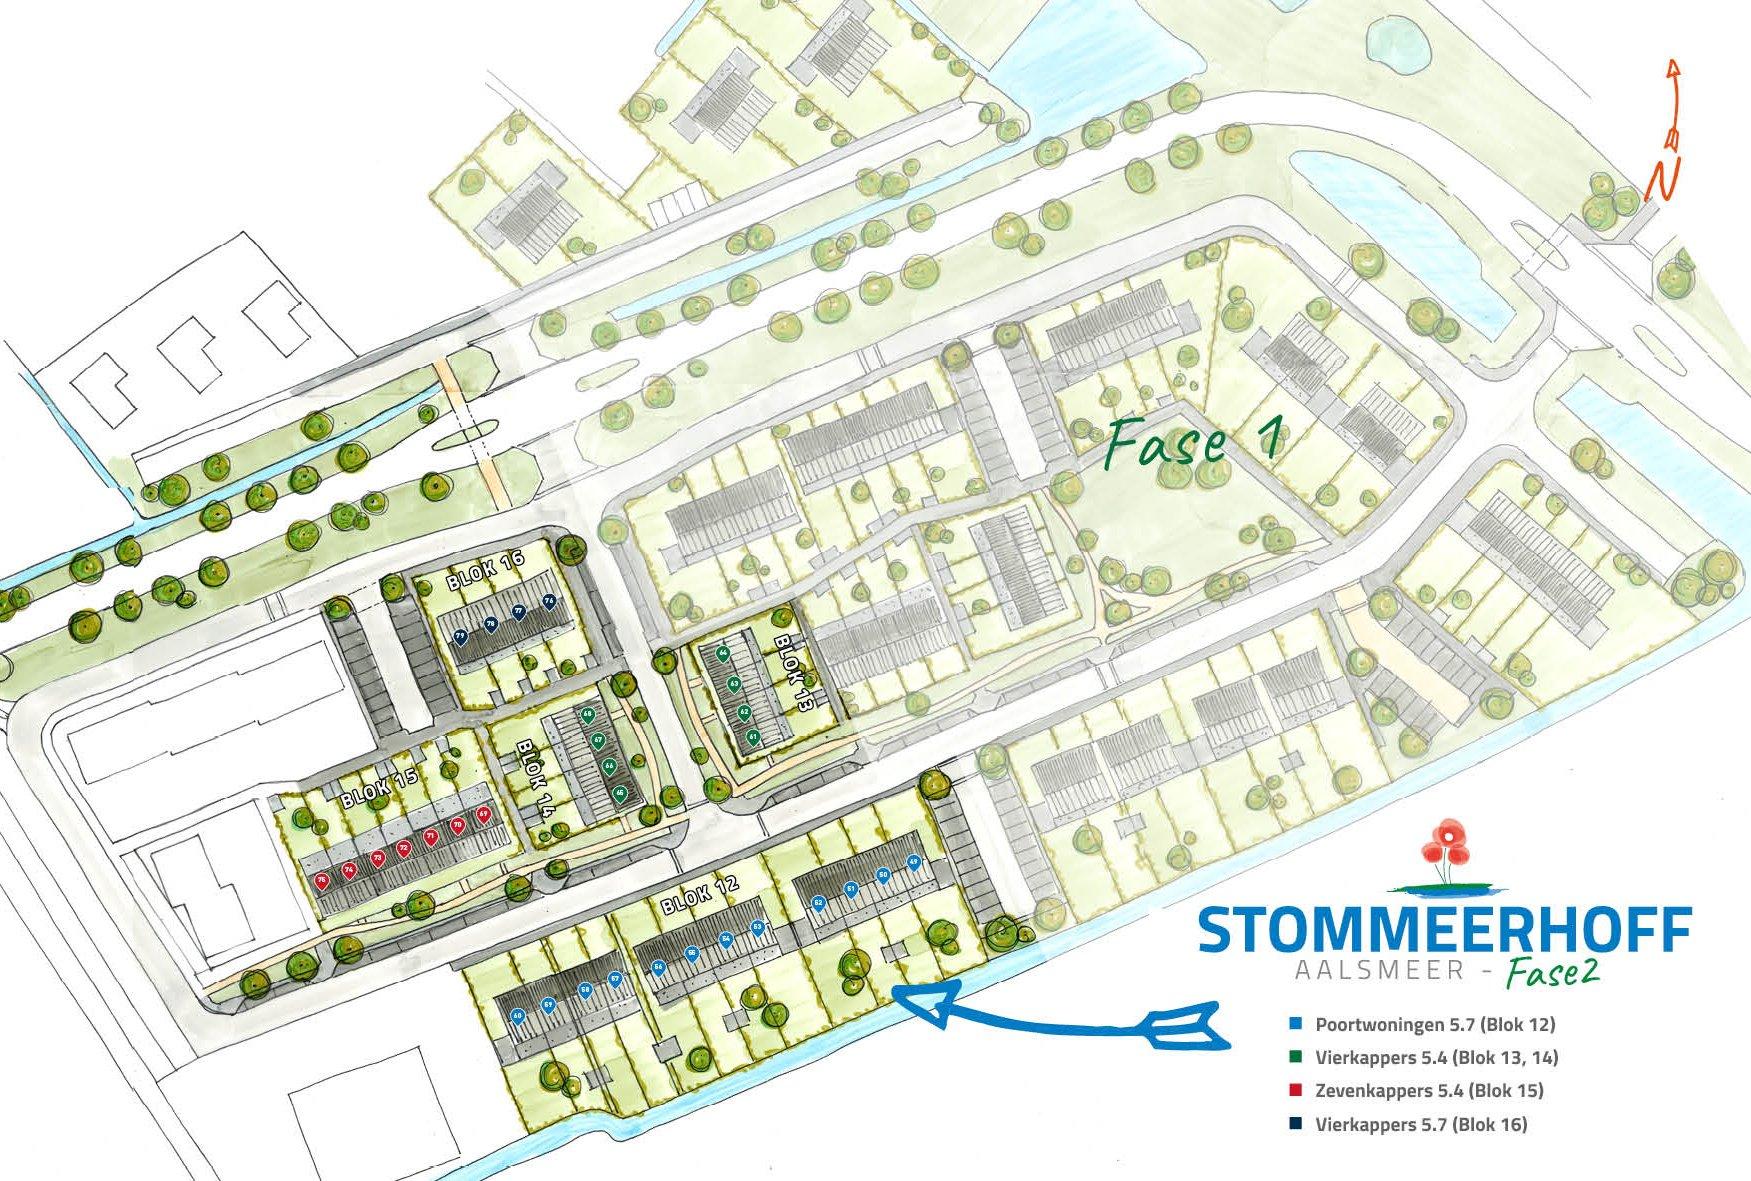 Start verkoop 15 oktober as. om 13.00 uur. U kunt zich inschrijven op de website stommeerhoff.nl en de sluitdatum is zondag 25 oktober as. om 22.00 uur Stommeerhoff – fase 2 Een variatie van 31 woningen in de vorm van hoeken poortwoningen, vierkappers en zevenkappers. De woningen in project 'Stommeerhoff' maken onderdeel uit van Polderzoom. In Polderzoom worden verschillende woonbuurten met een dorps karakter gerealiseerd. Op basis van het woningbouwprogramma van de gemeente Aalsmeer is voor Stommeerhoff een plan opgesteld dat woningen voorziet in verschillende segmenten. Het gaat om 31 woningen, vanaf 140m2 gbo incl. een uitbouw van 2.4 op de begane grond. In Stommeerhoff woont u wellicht op één van de mooiste plekken van Aalsmeer. Polderzoom fase 1 is inmiddels afgerond en bewoond. Stommeerhoff is goed bereikbaar, gelegen in een groene omgeving met de dynamiek van de randstad op korte afstand. In Stommeerhoff is ruimte voor zowel jong als […]